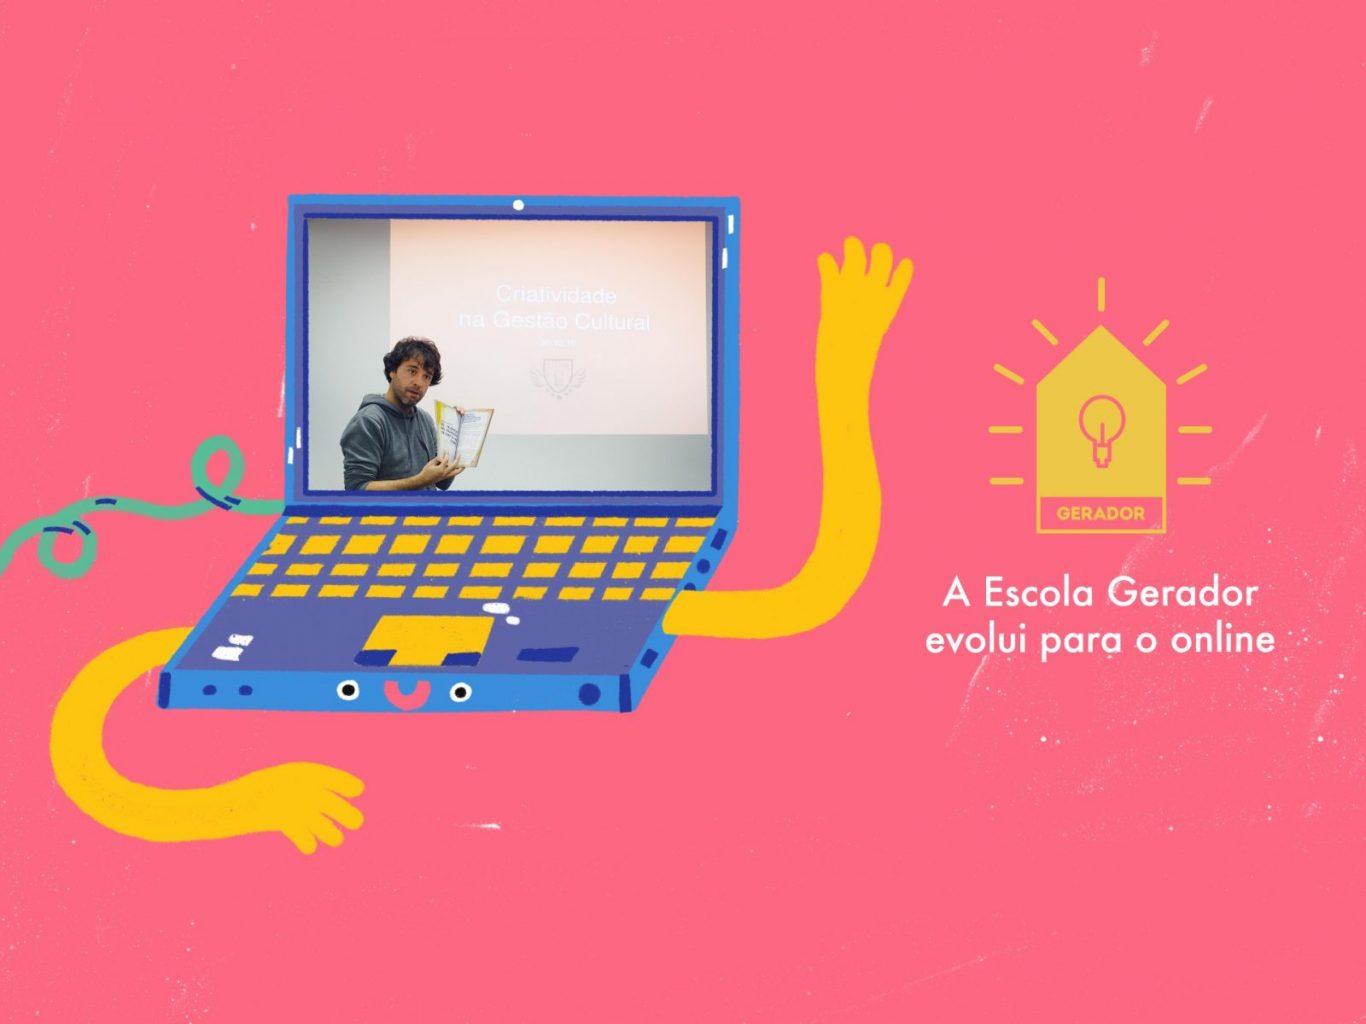 escola-gerador-online